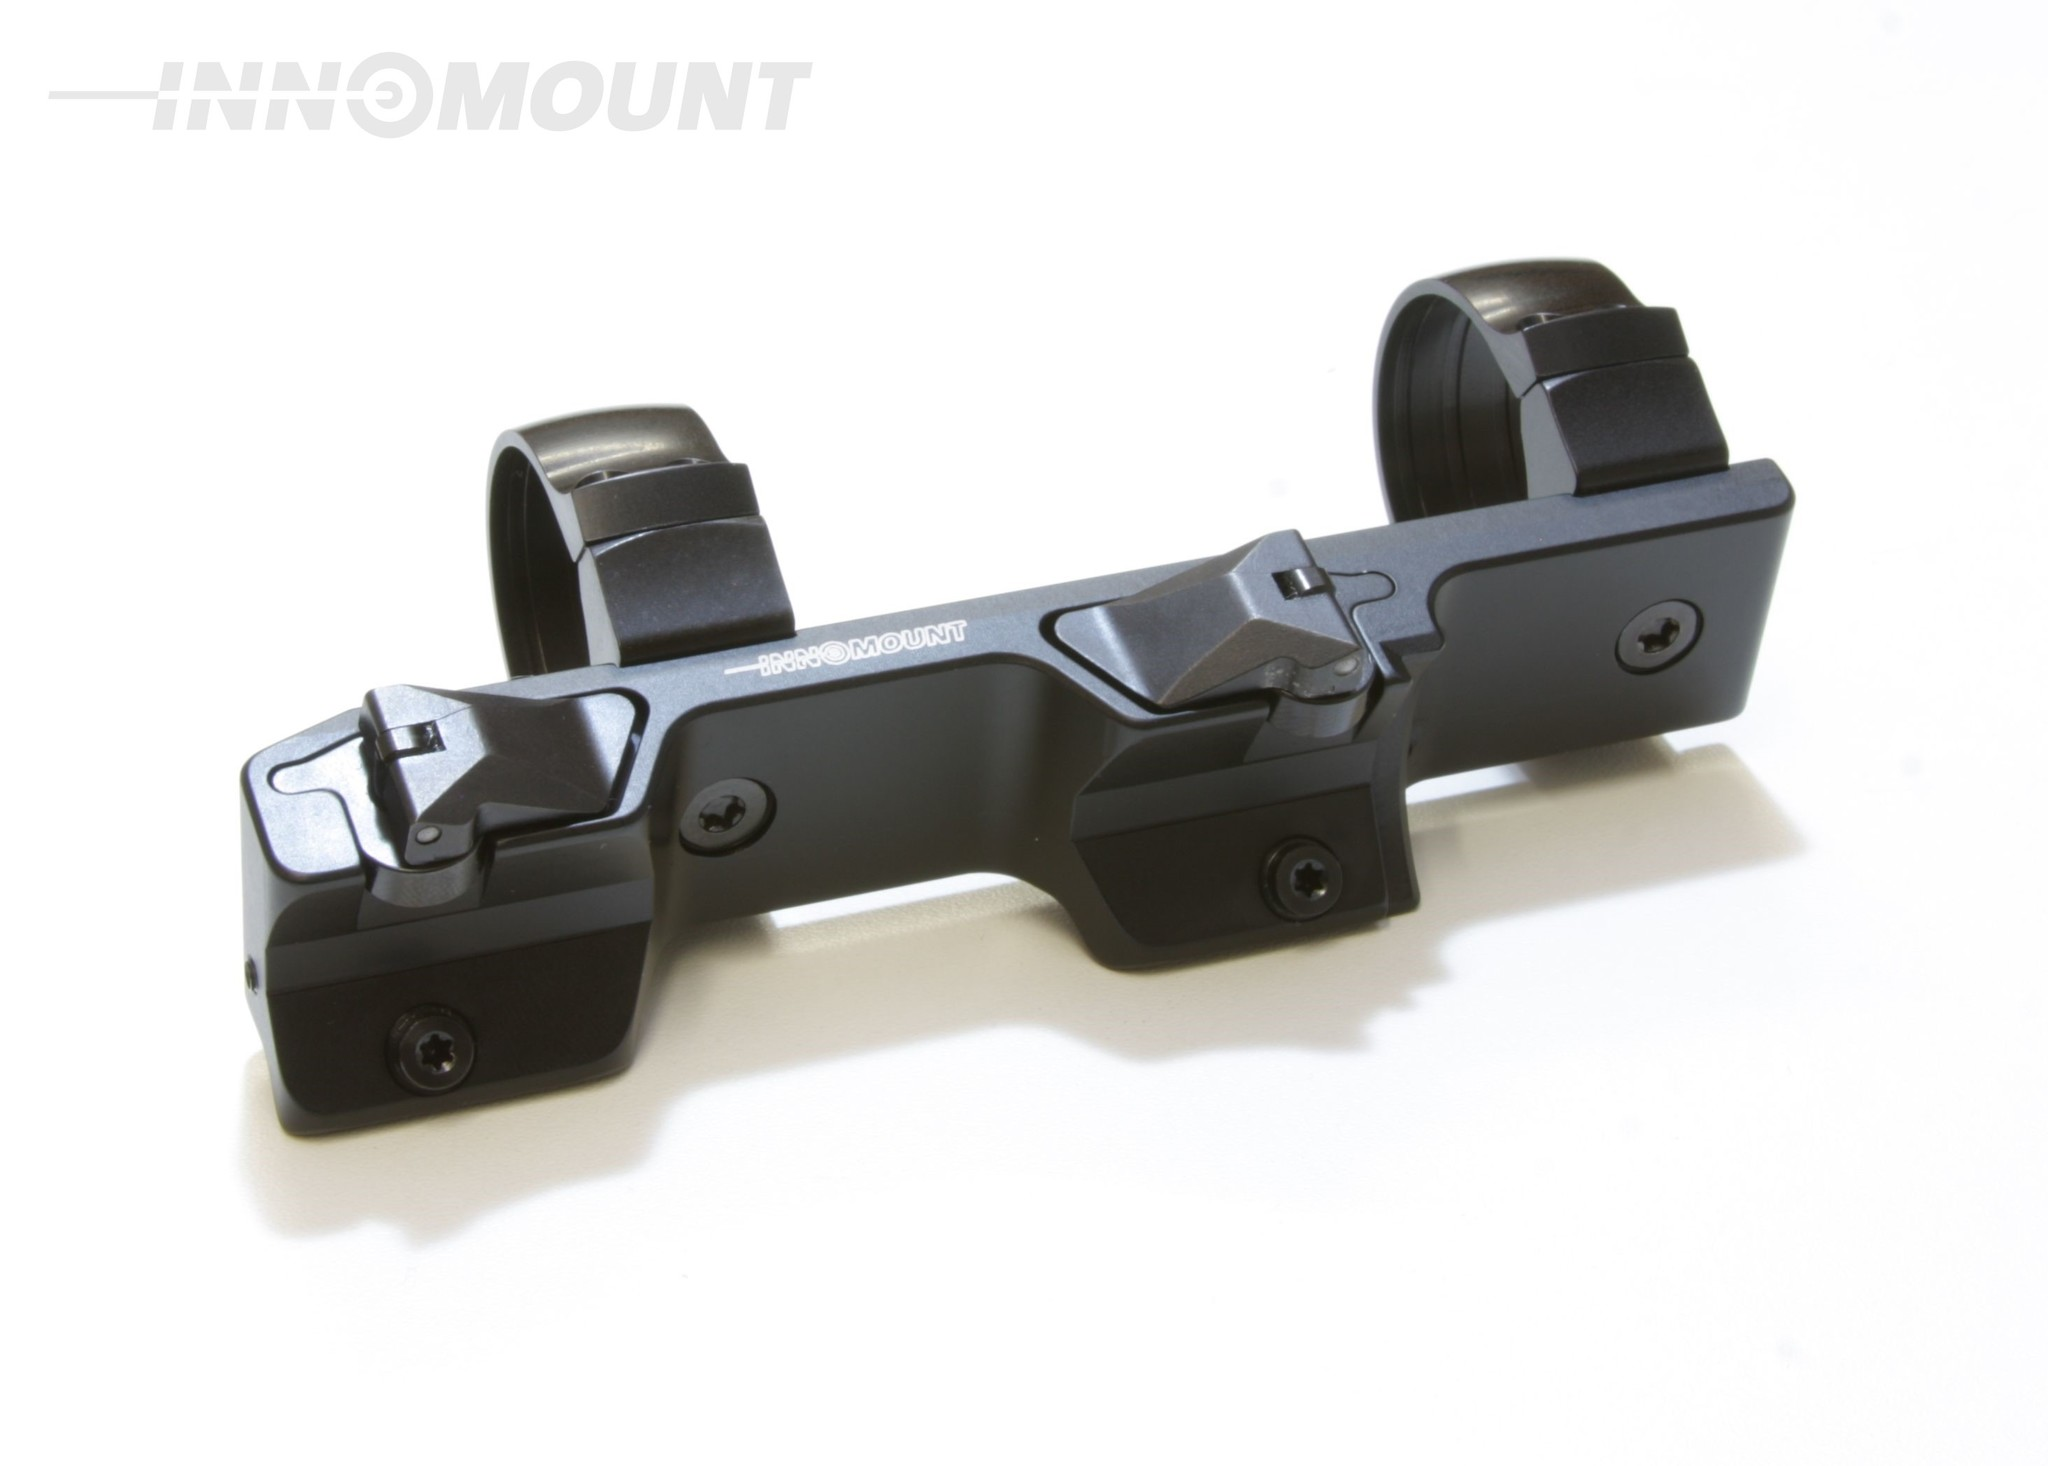 Innomount Schnellspannmontage (SSM) einteilig - Blaser - Ring 30mm BH +6mm passend voor Pulsar Thermion